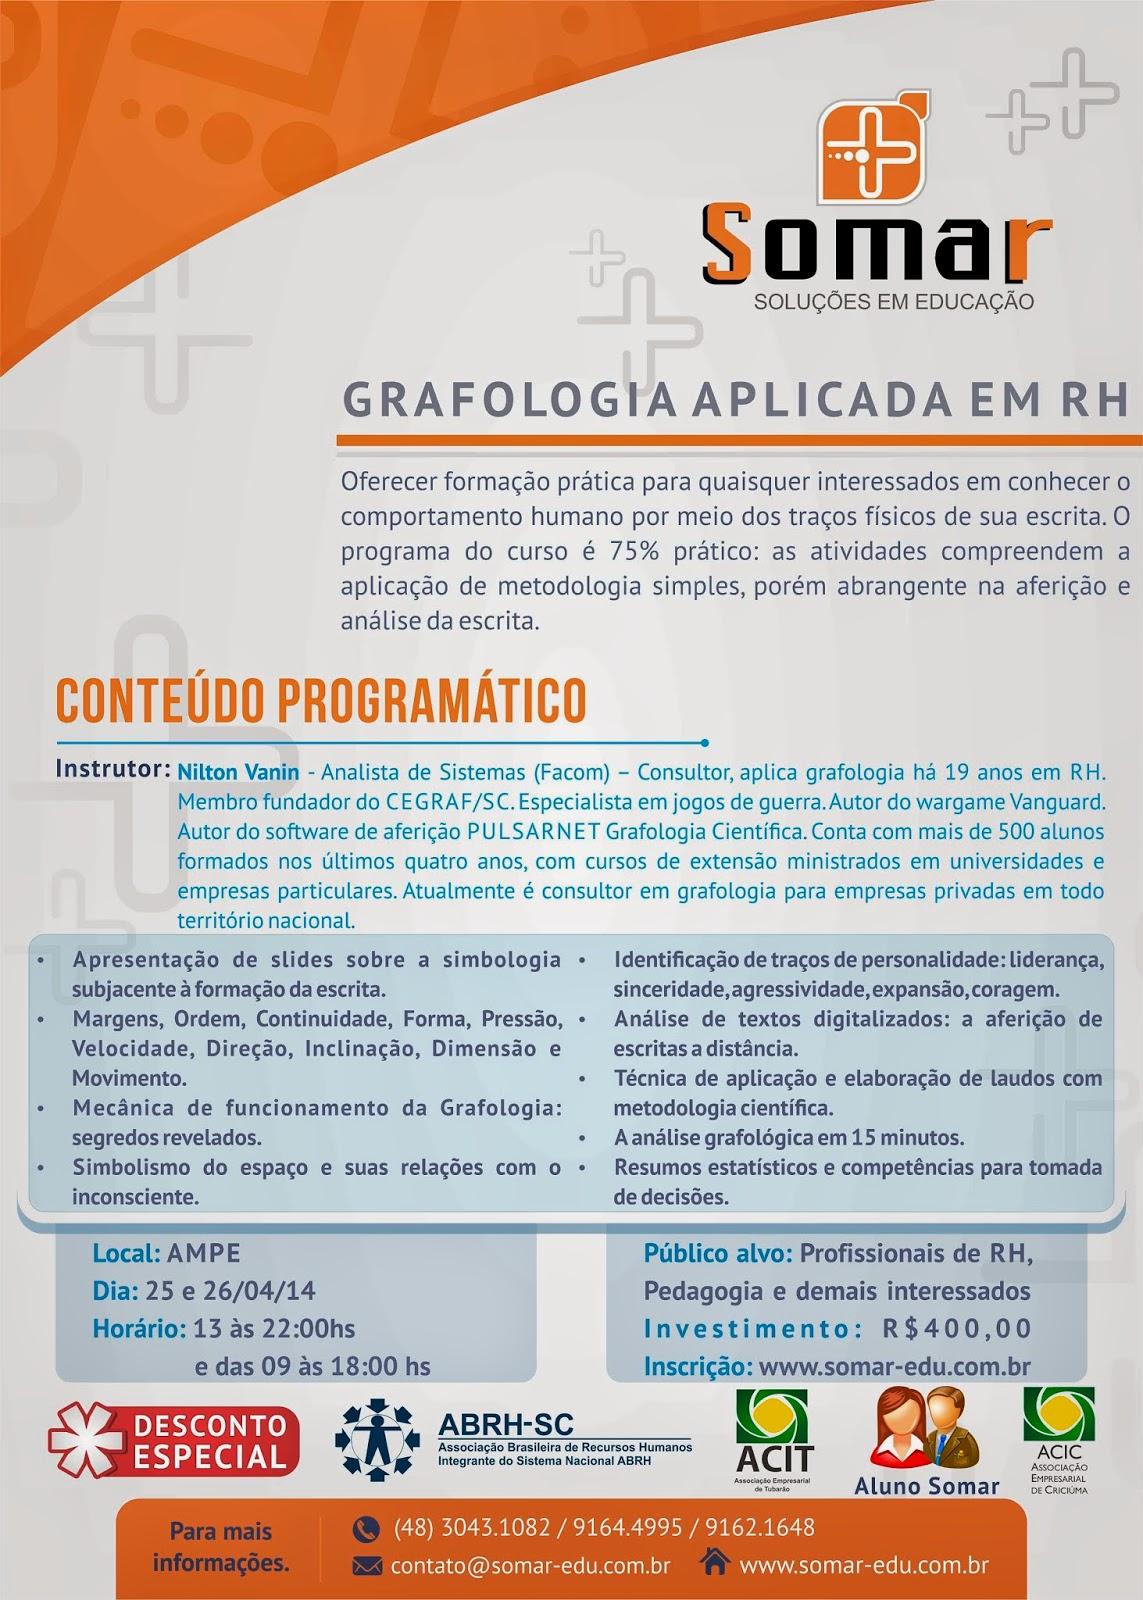 http://somar-edu.com.br/detalhe_curso/34/WORKSHOP---CARGOS-E-SALARIOS.html